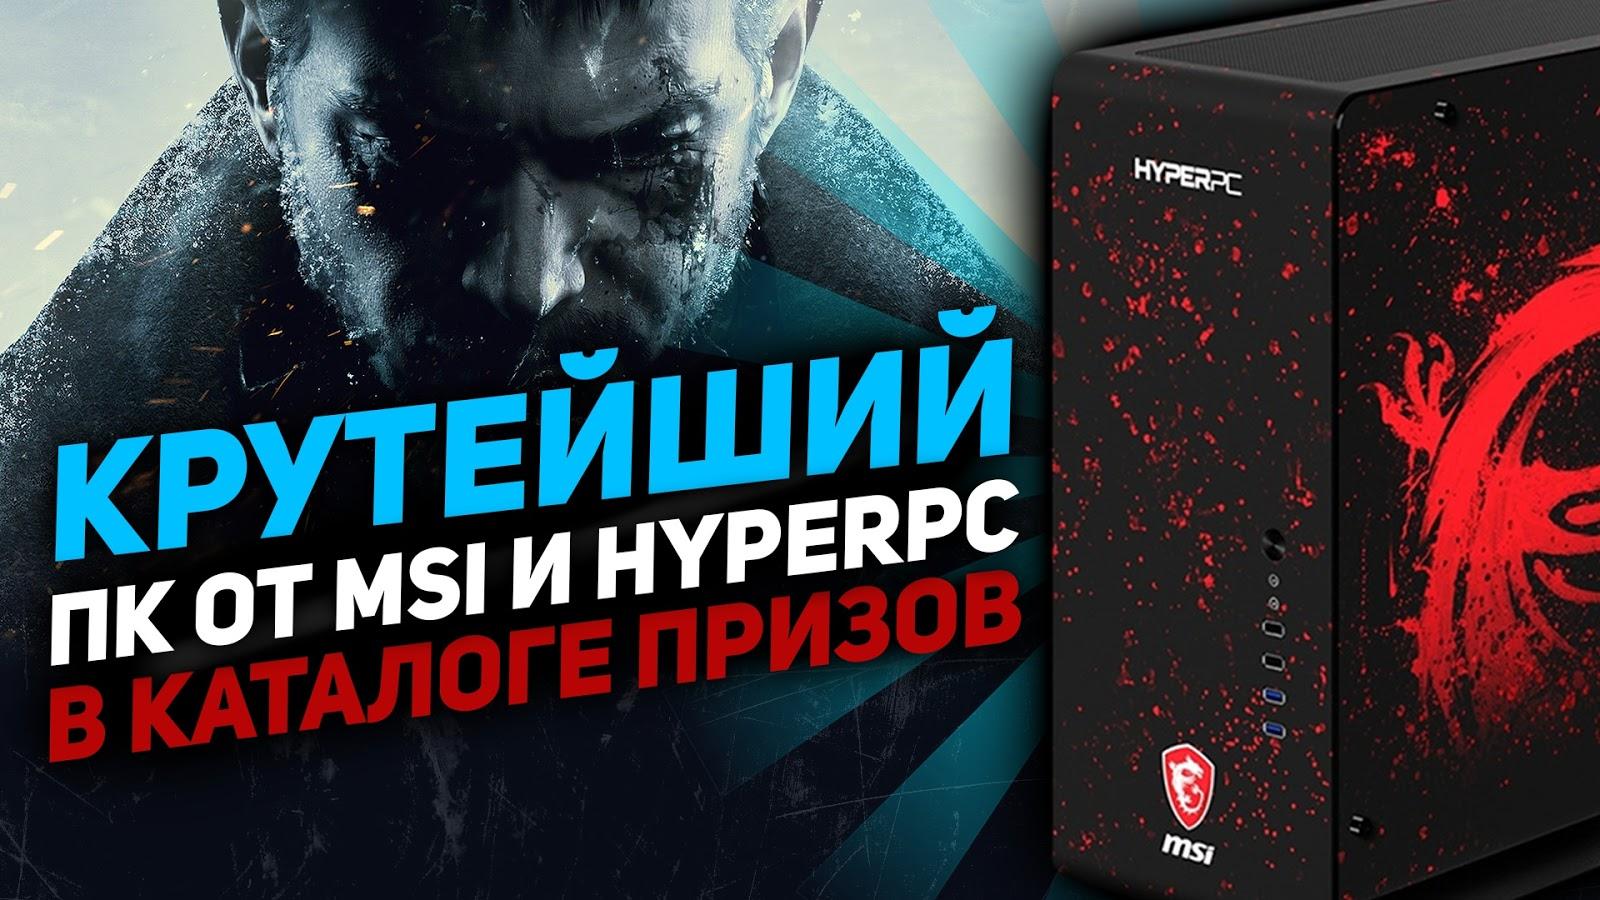 Главный приз, компьютер от MSI и HYPERPC, доступен в каталоге!